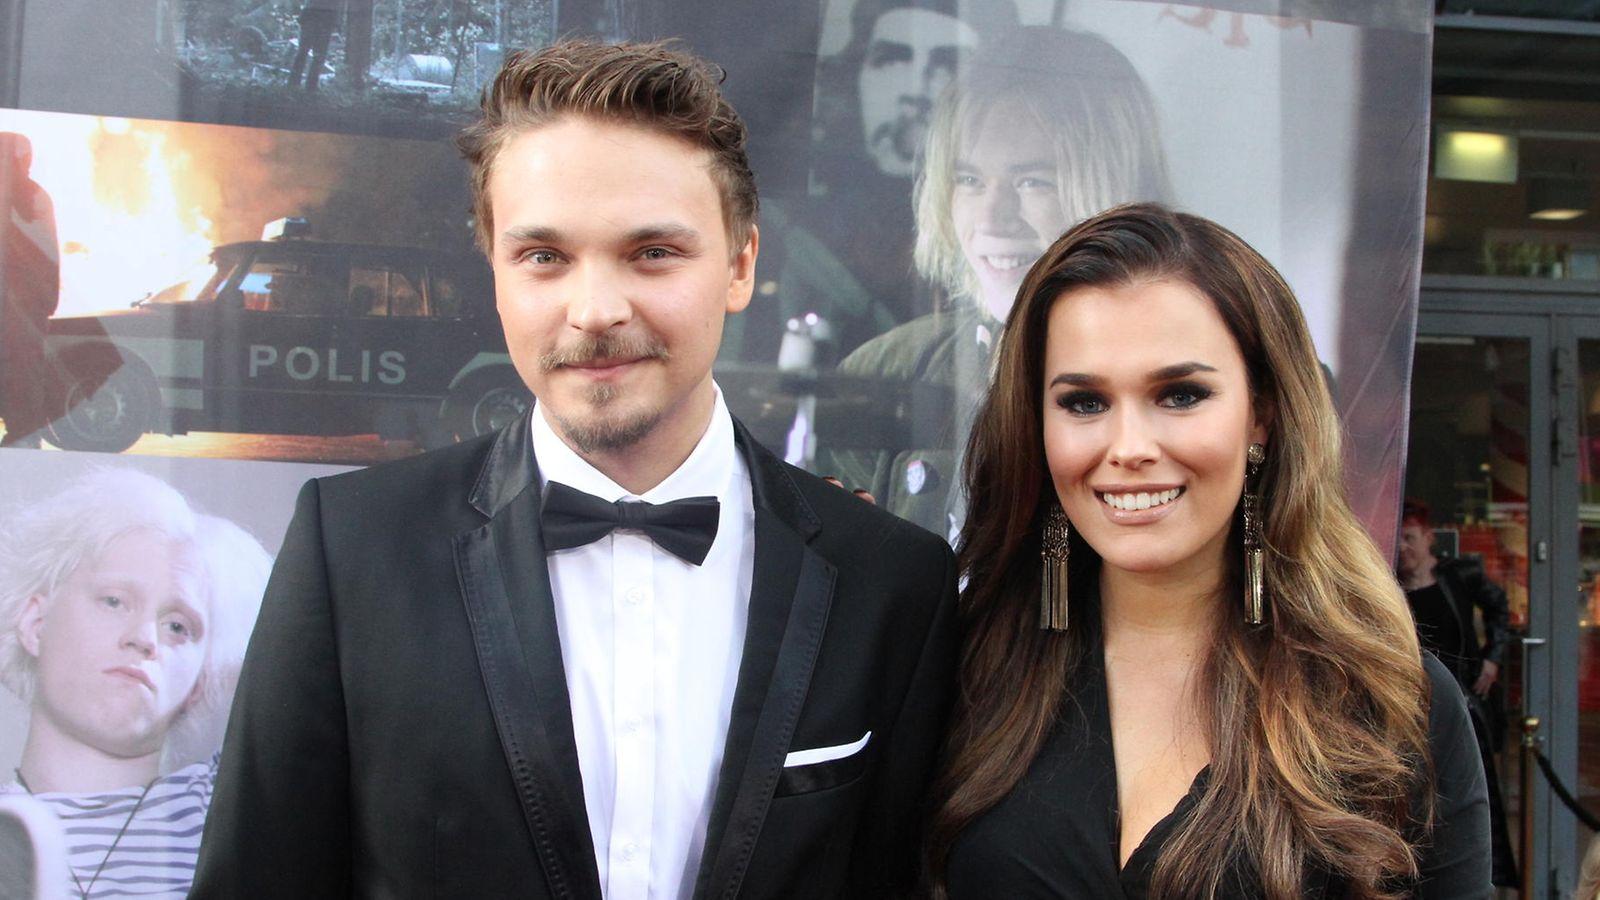 Muistatko tämän? Sara Sieppi esitti Roope Salmisen tyttöystävää jo vuosia sitten - Viihde - MTV.fi